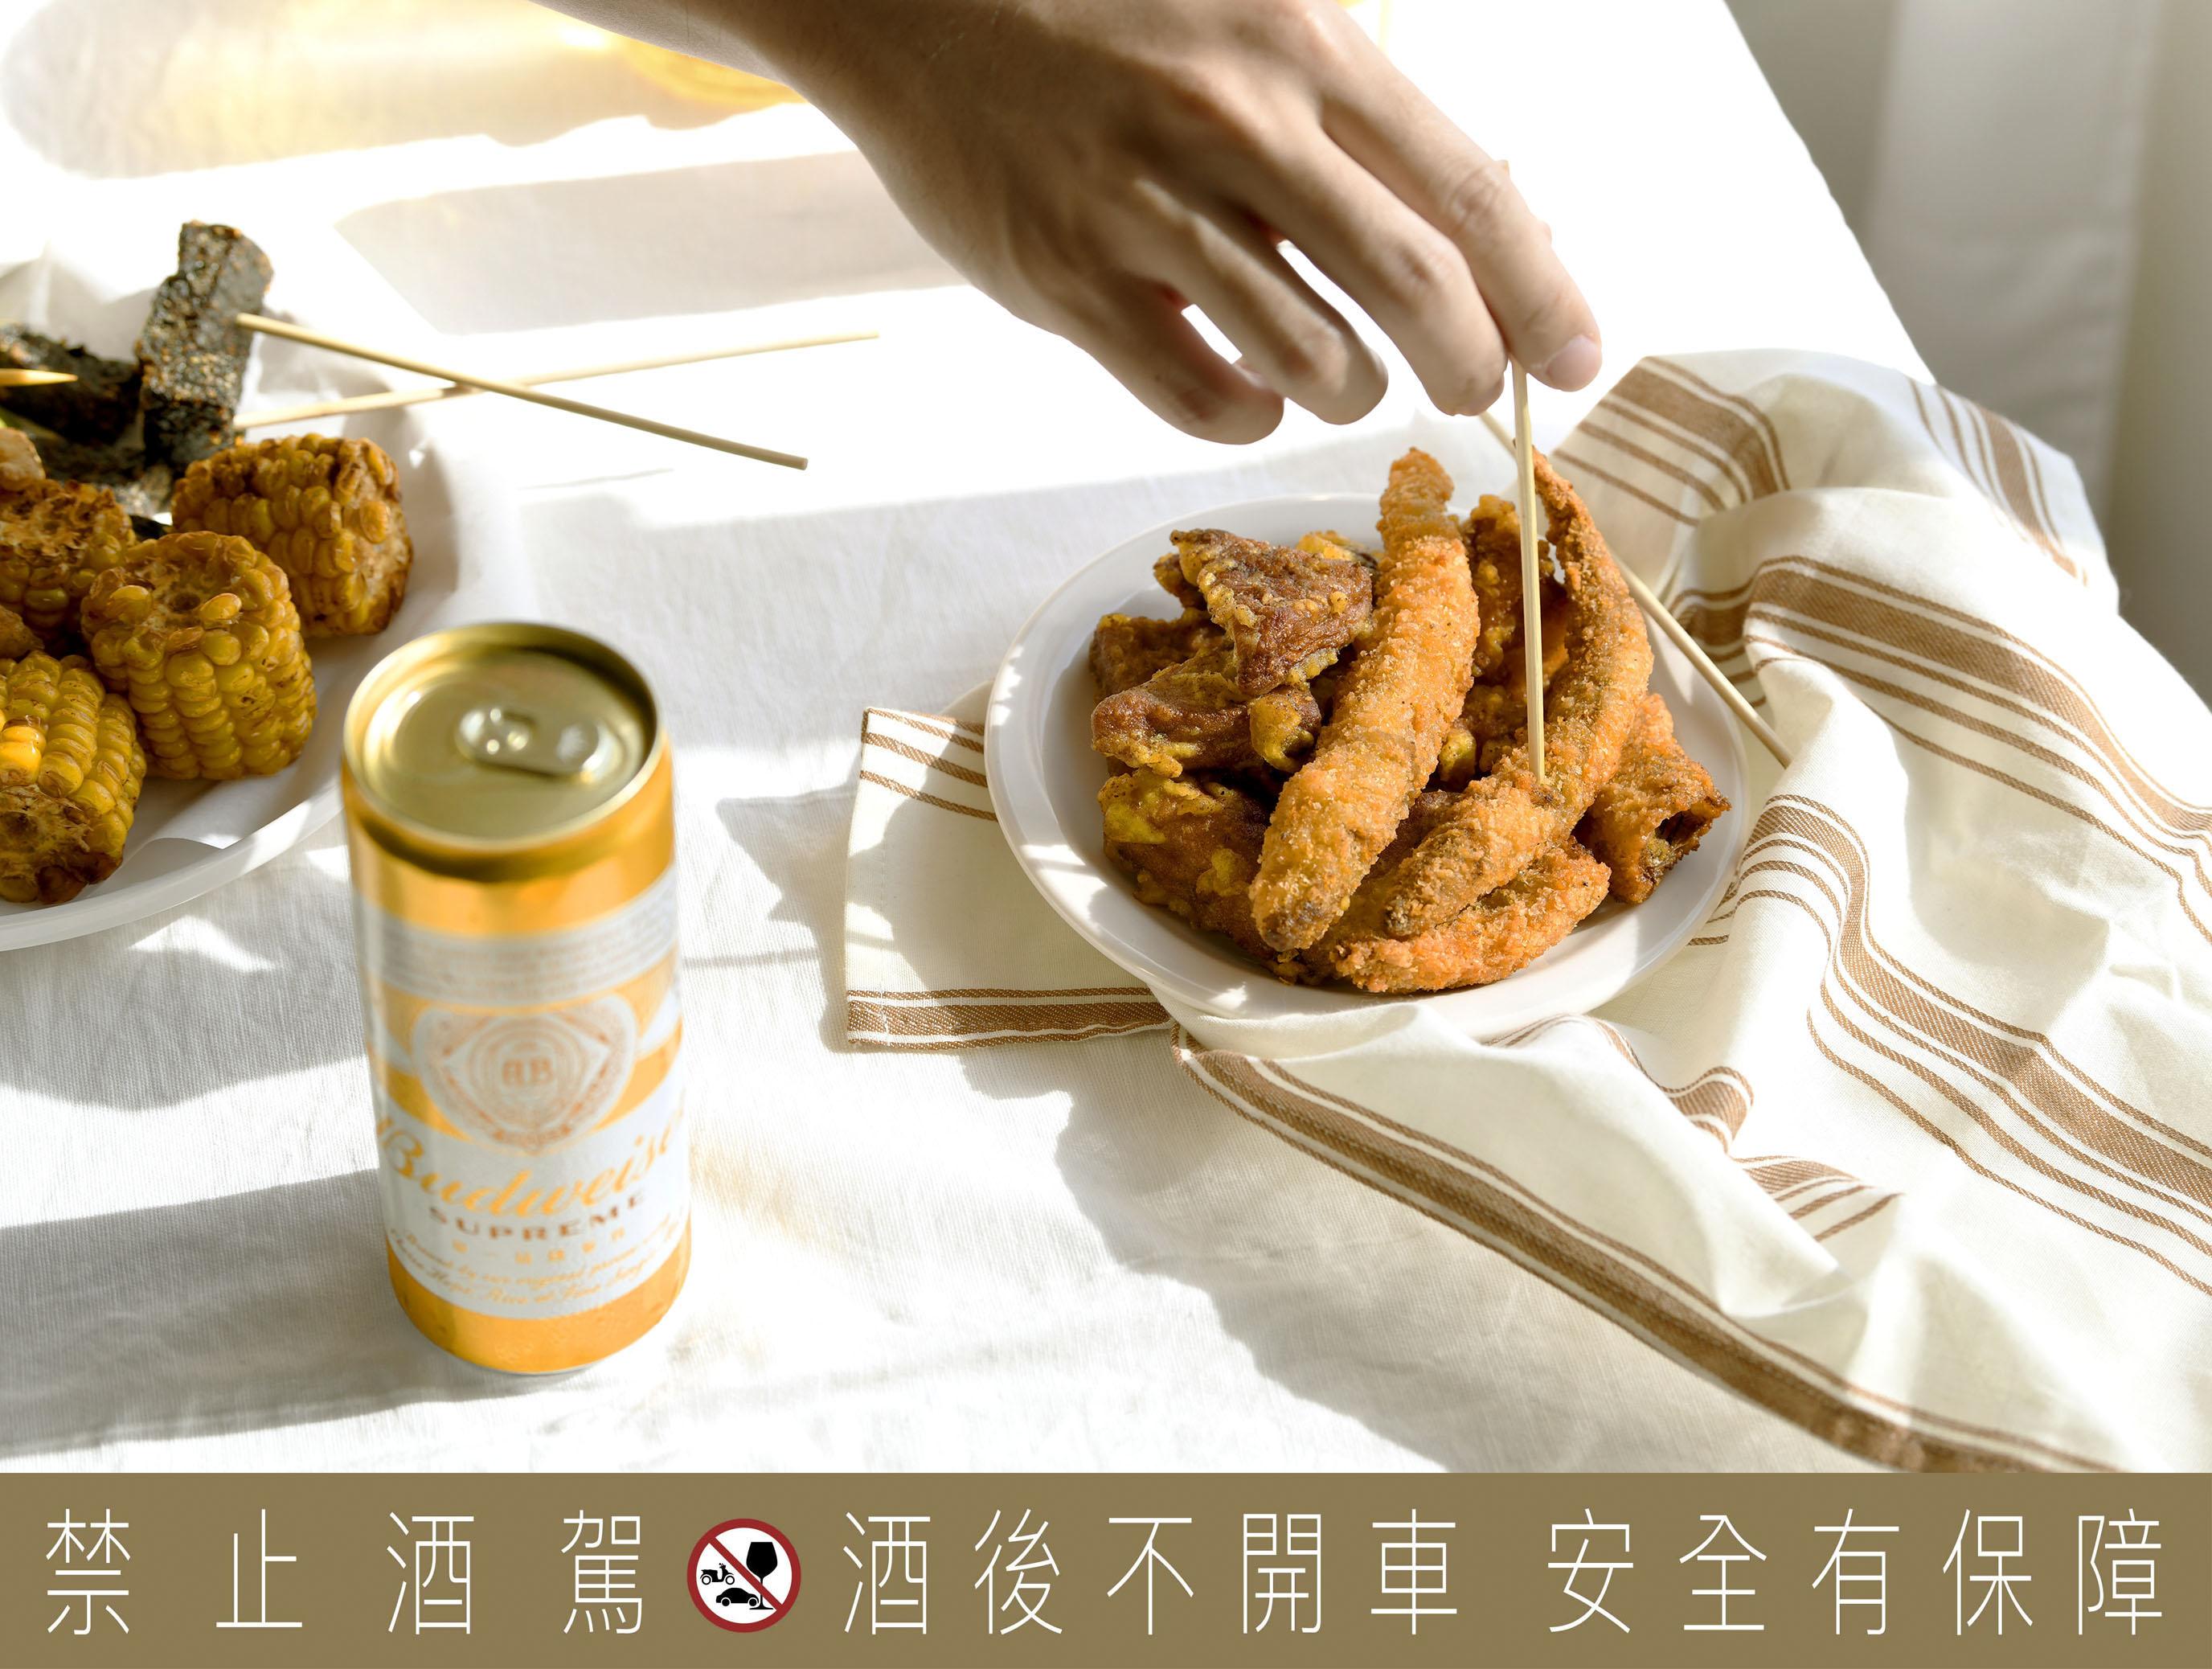 盛夏最台式的幸福之一:鹽酥雞與啤酒|百威金尊單一品種麥芽